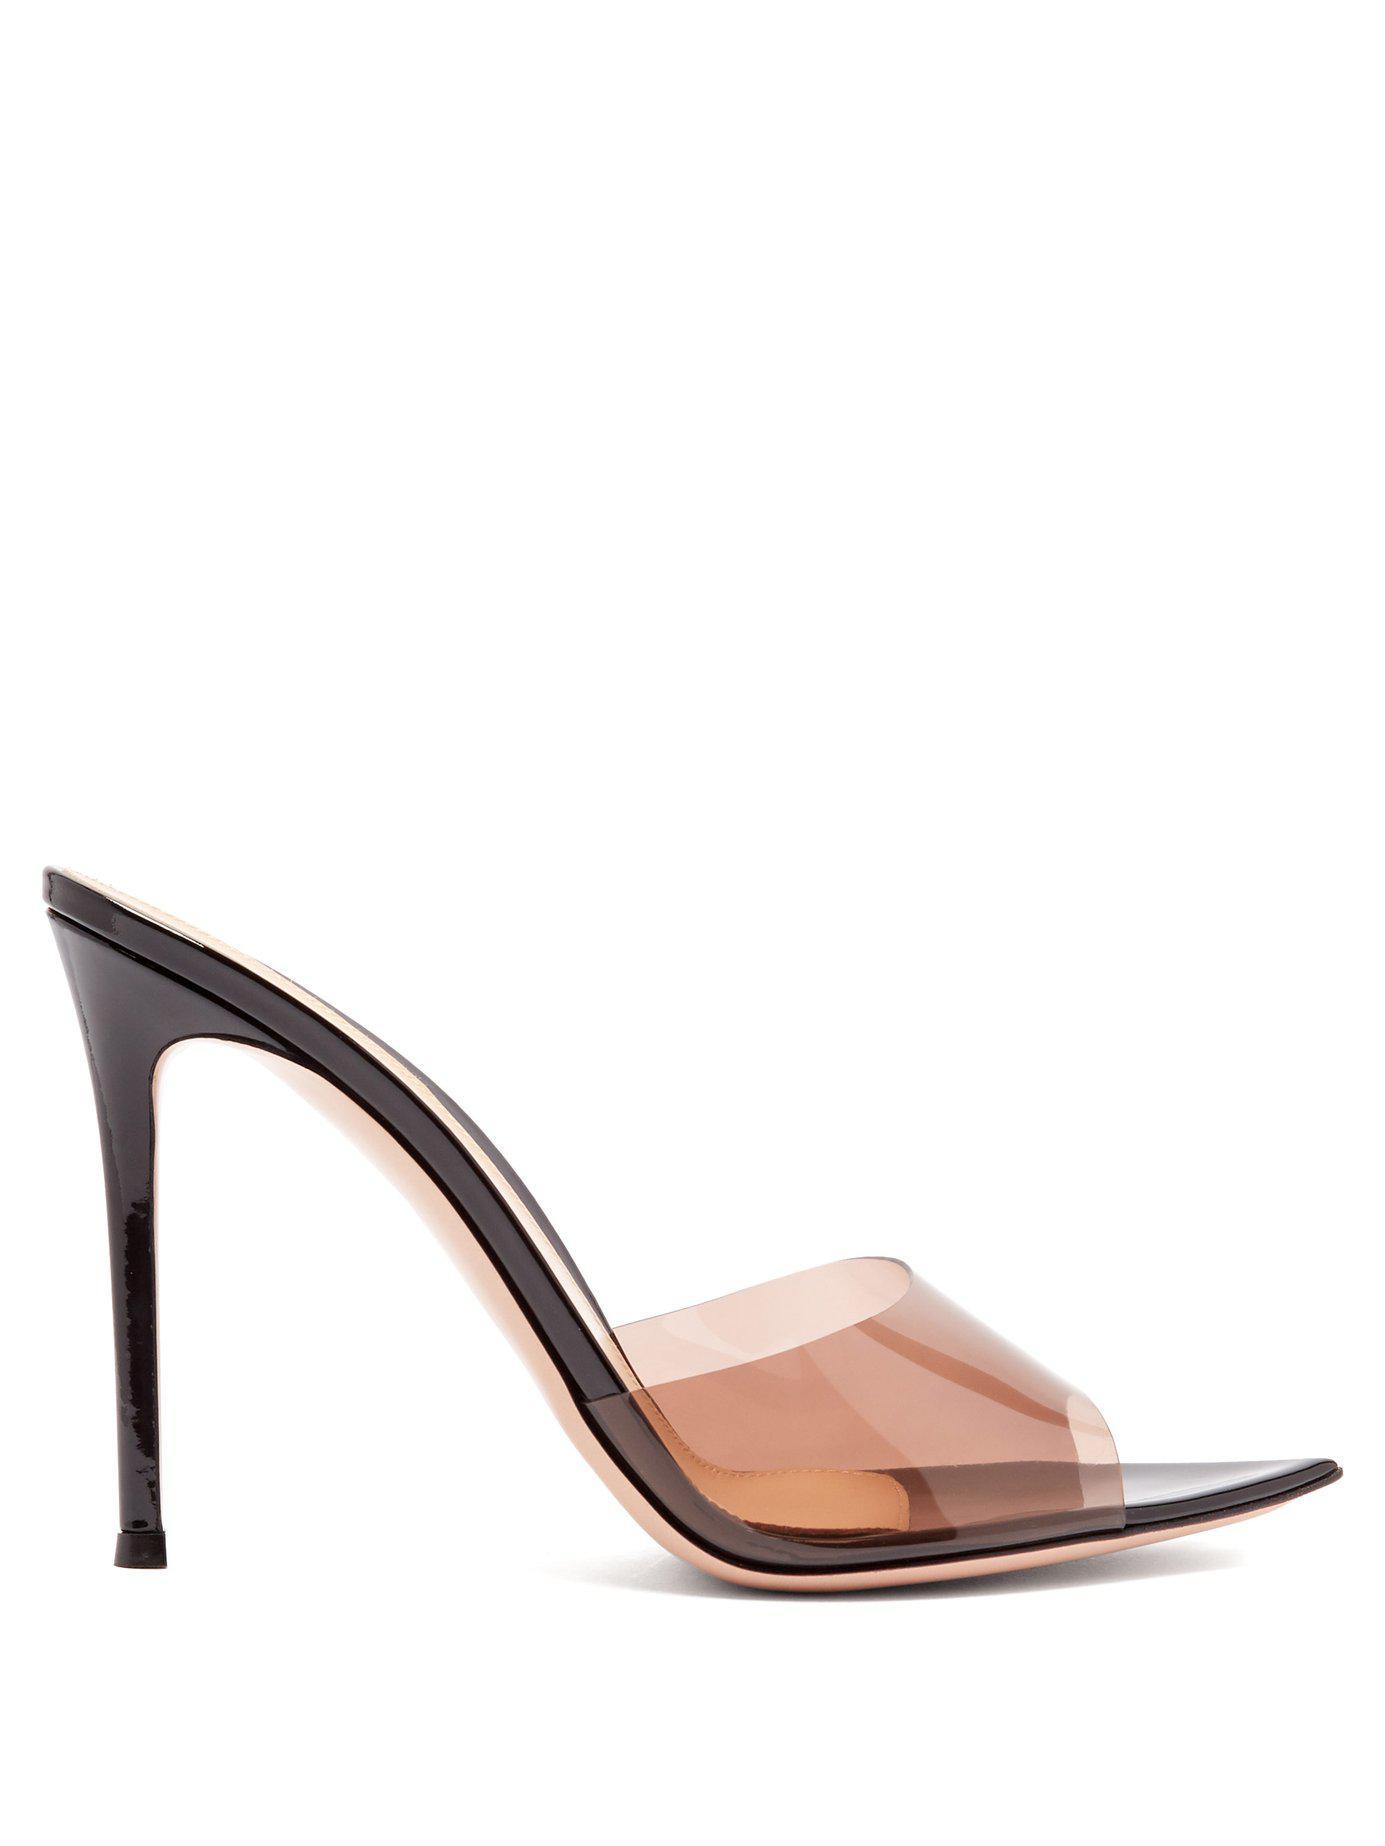 c3e0eb5ed87 Lyst - Gianvito Rossi Elle 105 Patent Leather Mules